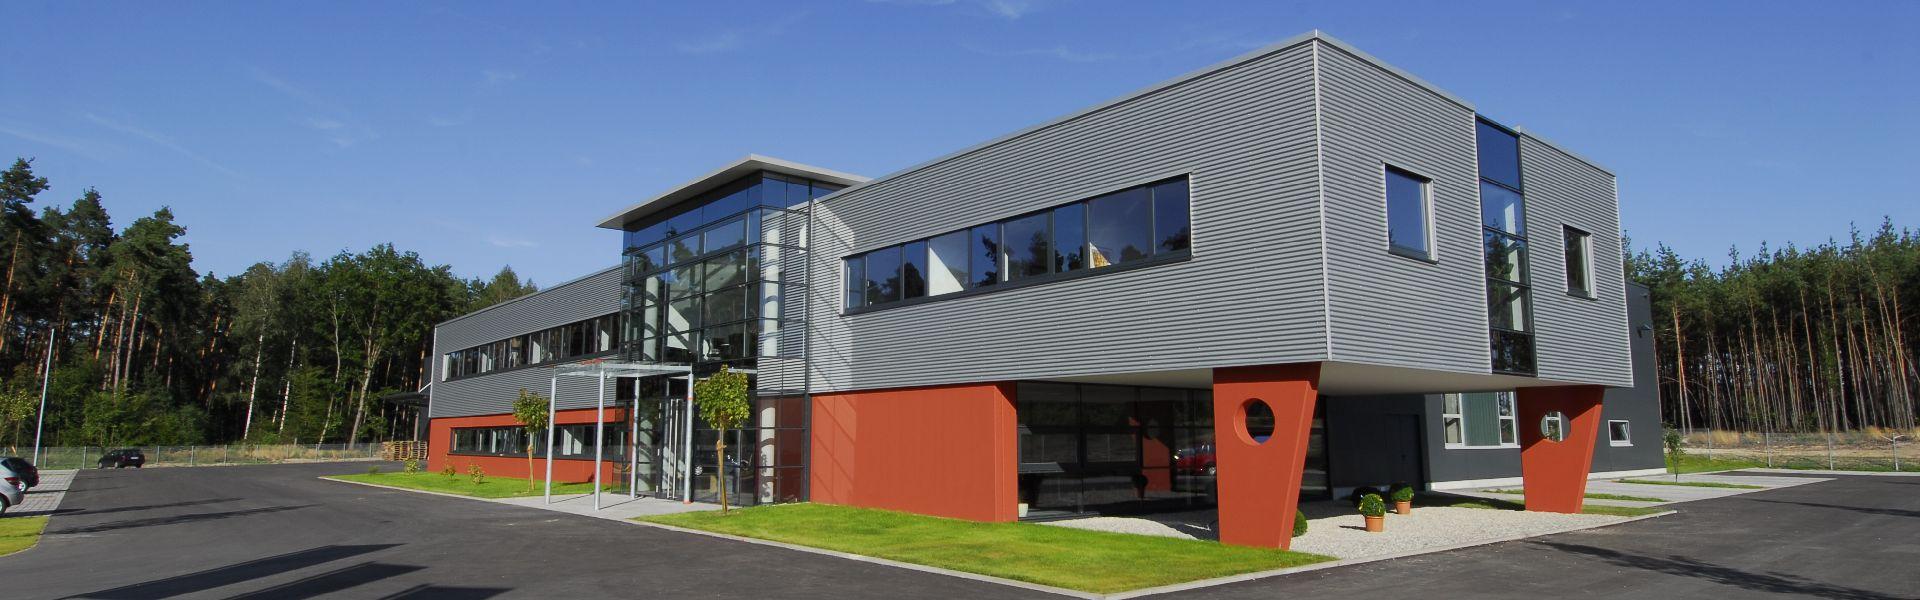 Sasse Elektronik GmbH